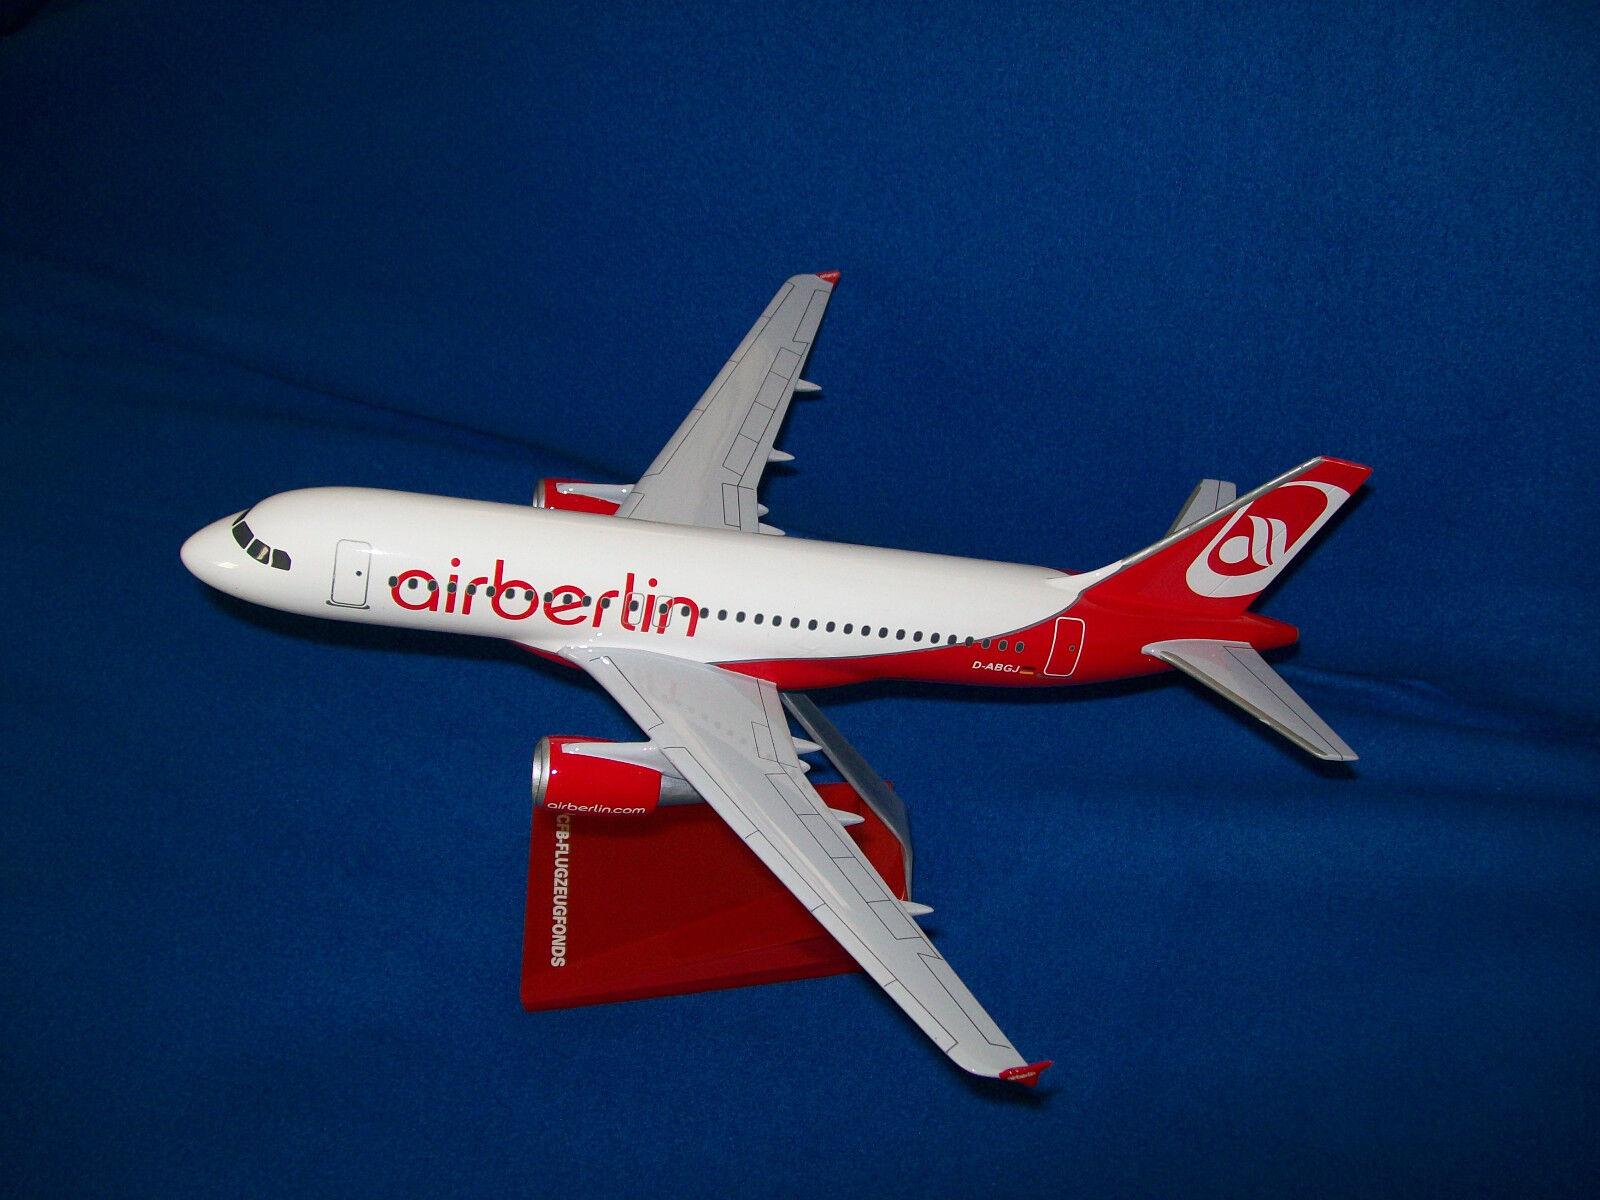 Maquette Avion Avion Airbus Sunexpress 1 100 Agence de Voyage